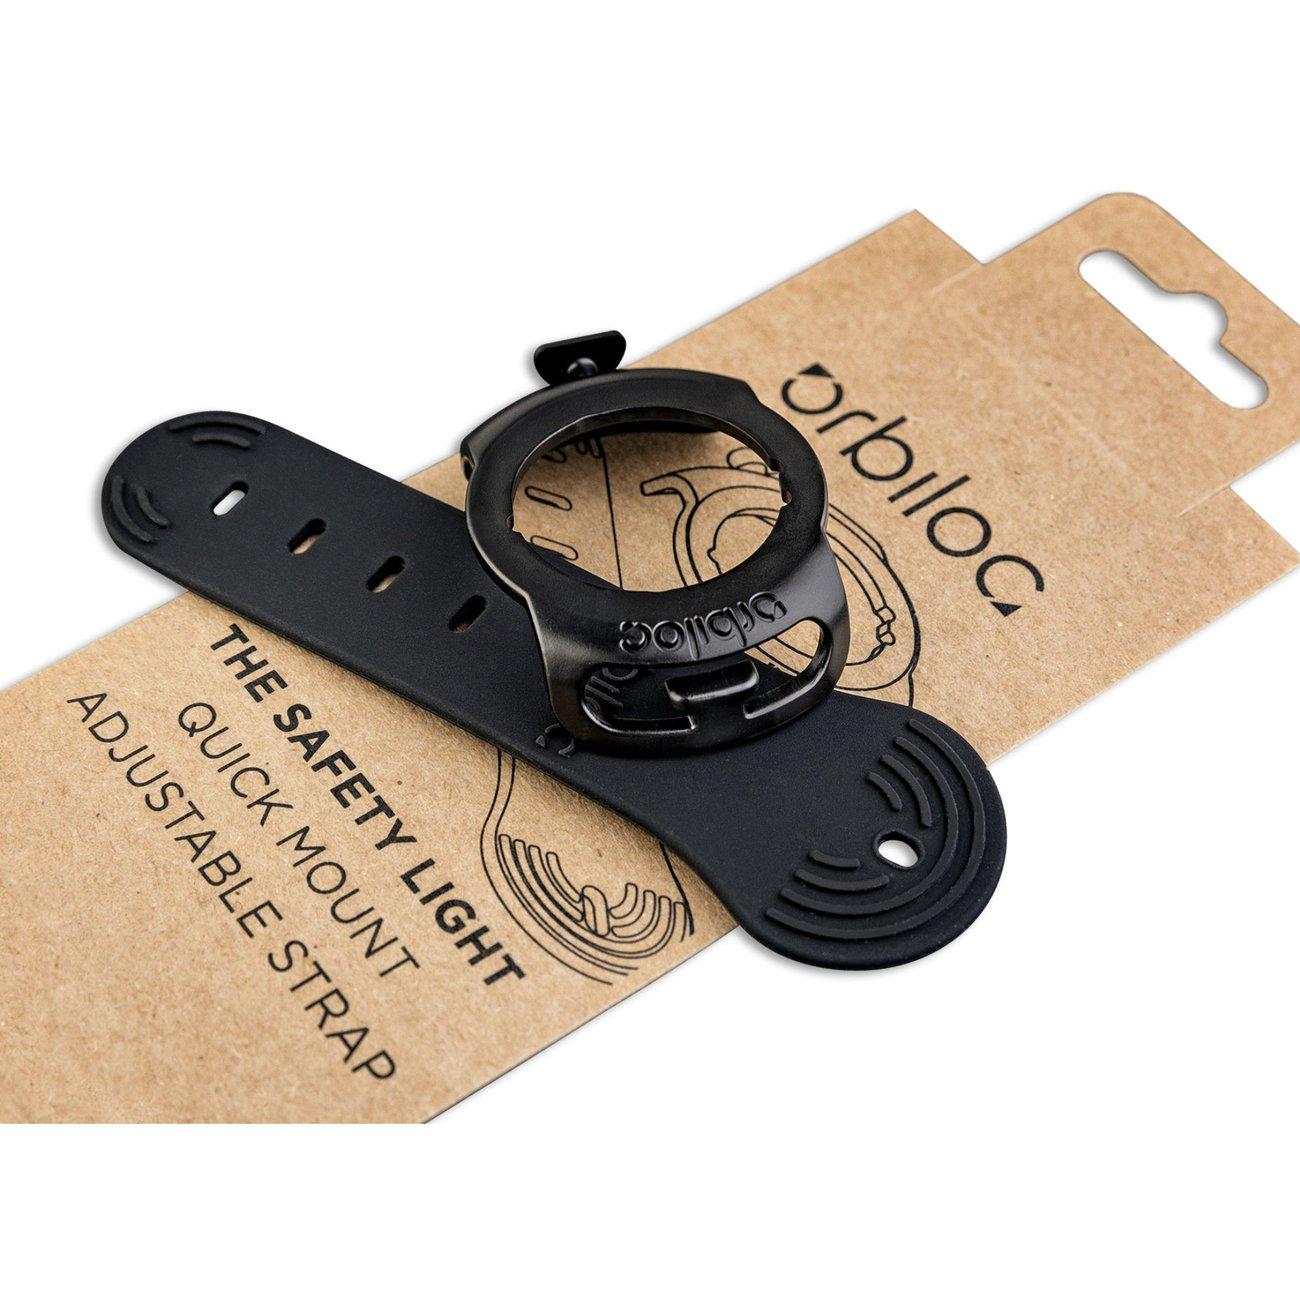 Orbiloc Safety Light Ersatzteile und Zubehör, Bild 26